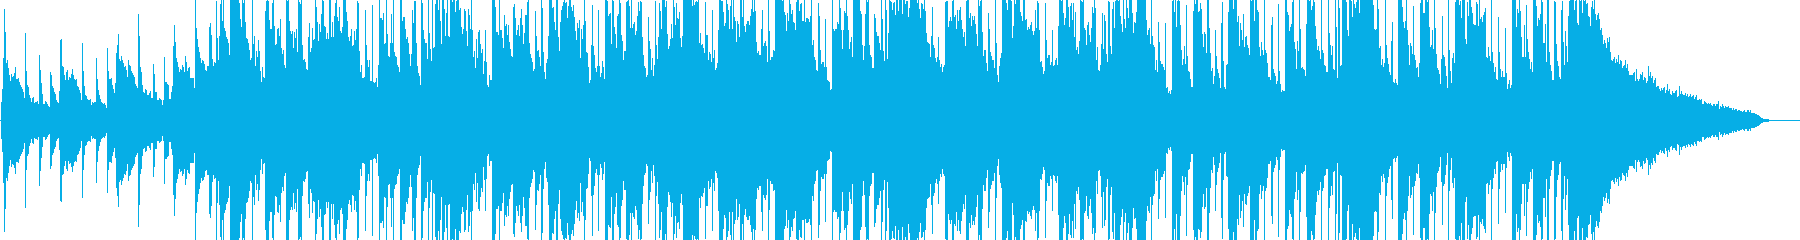 切なくワクワク感あるピアノとストリングの再生済みの波形